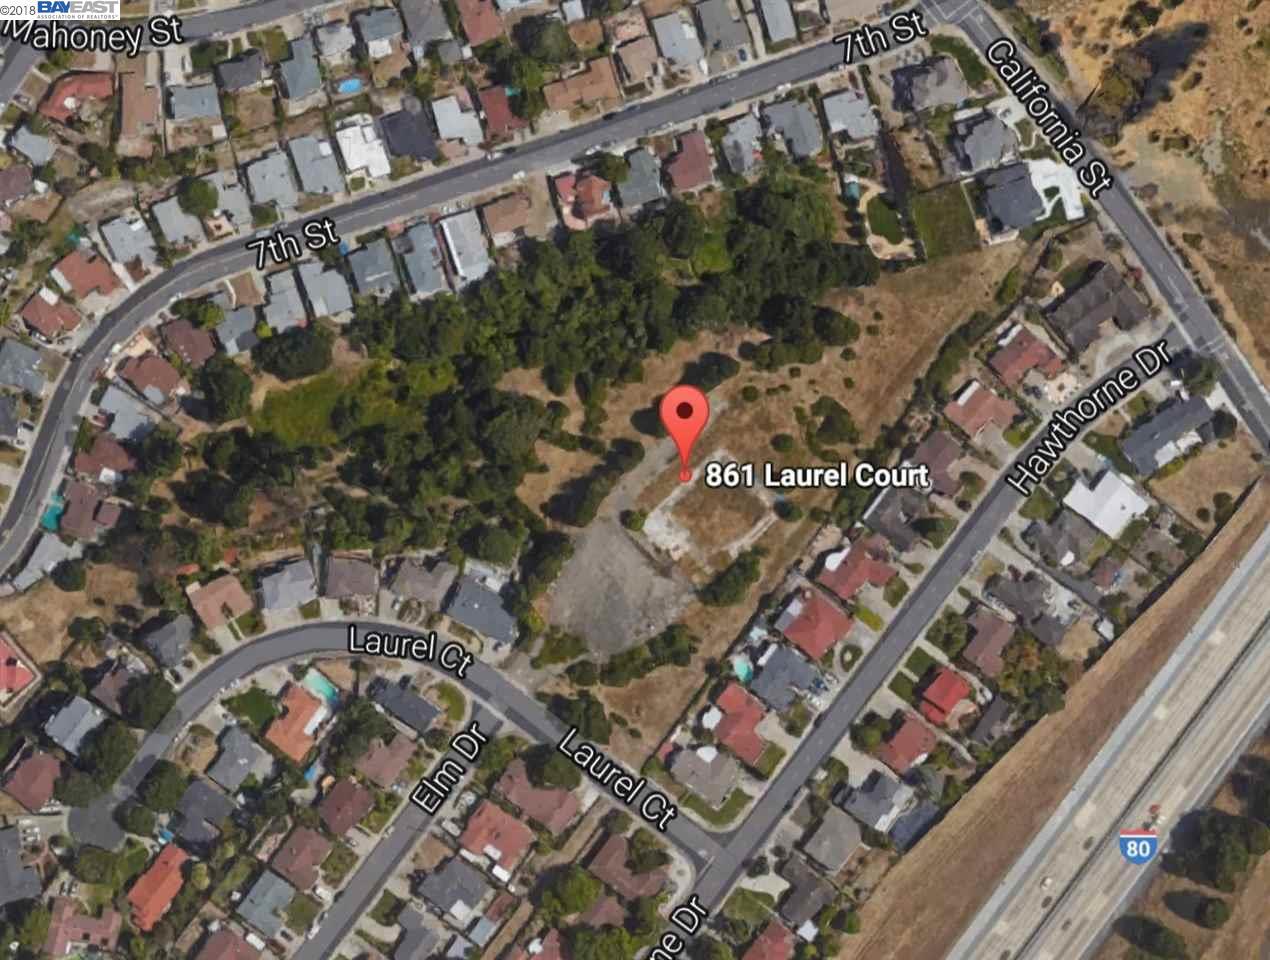 土地 為 出售 在 861 Laurel Court 861 Laurel Court Rodeo, 加利福尼亞州 94572 美國